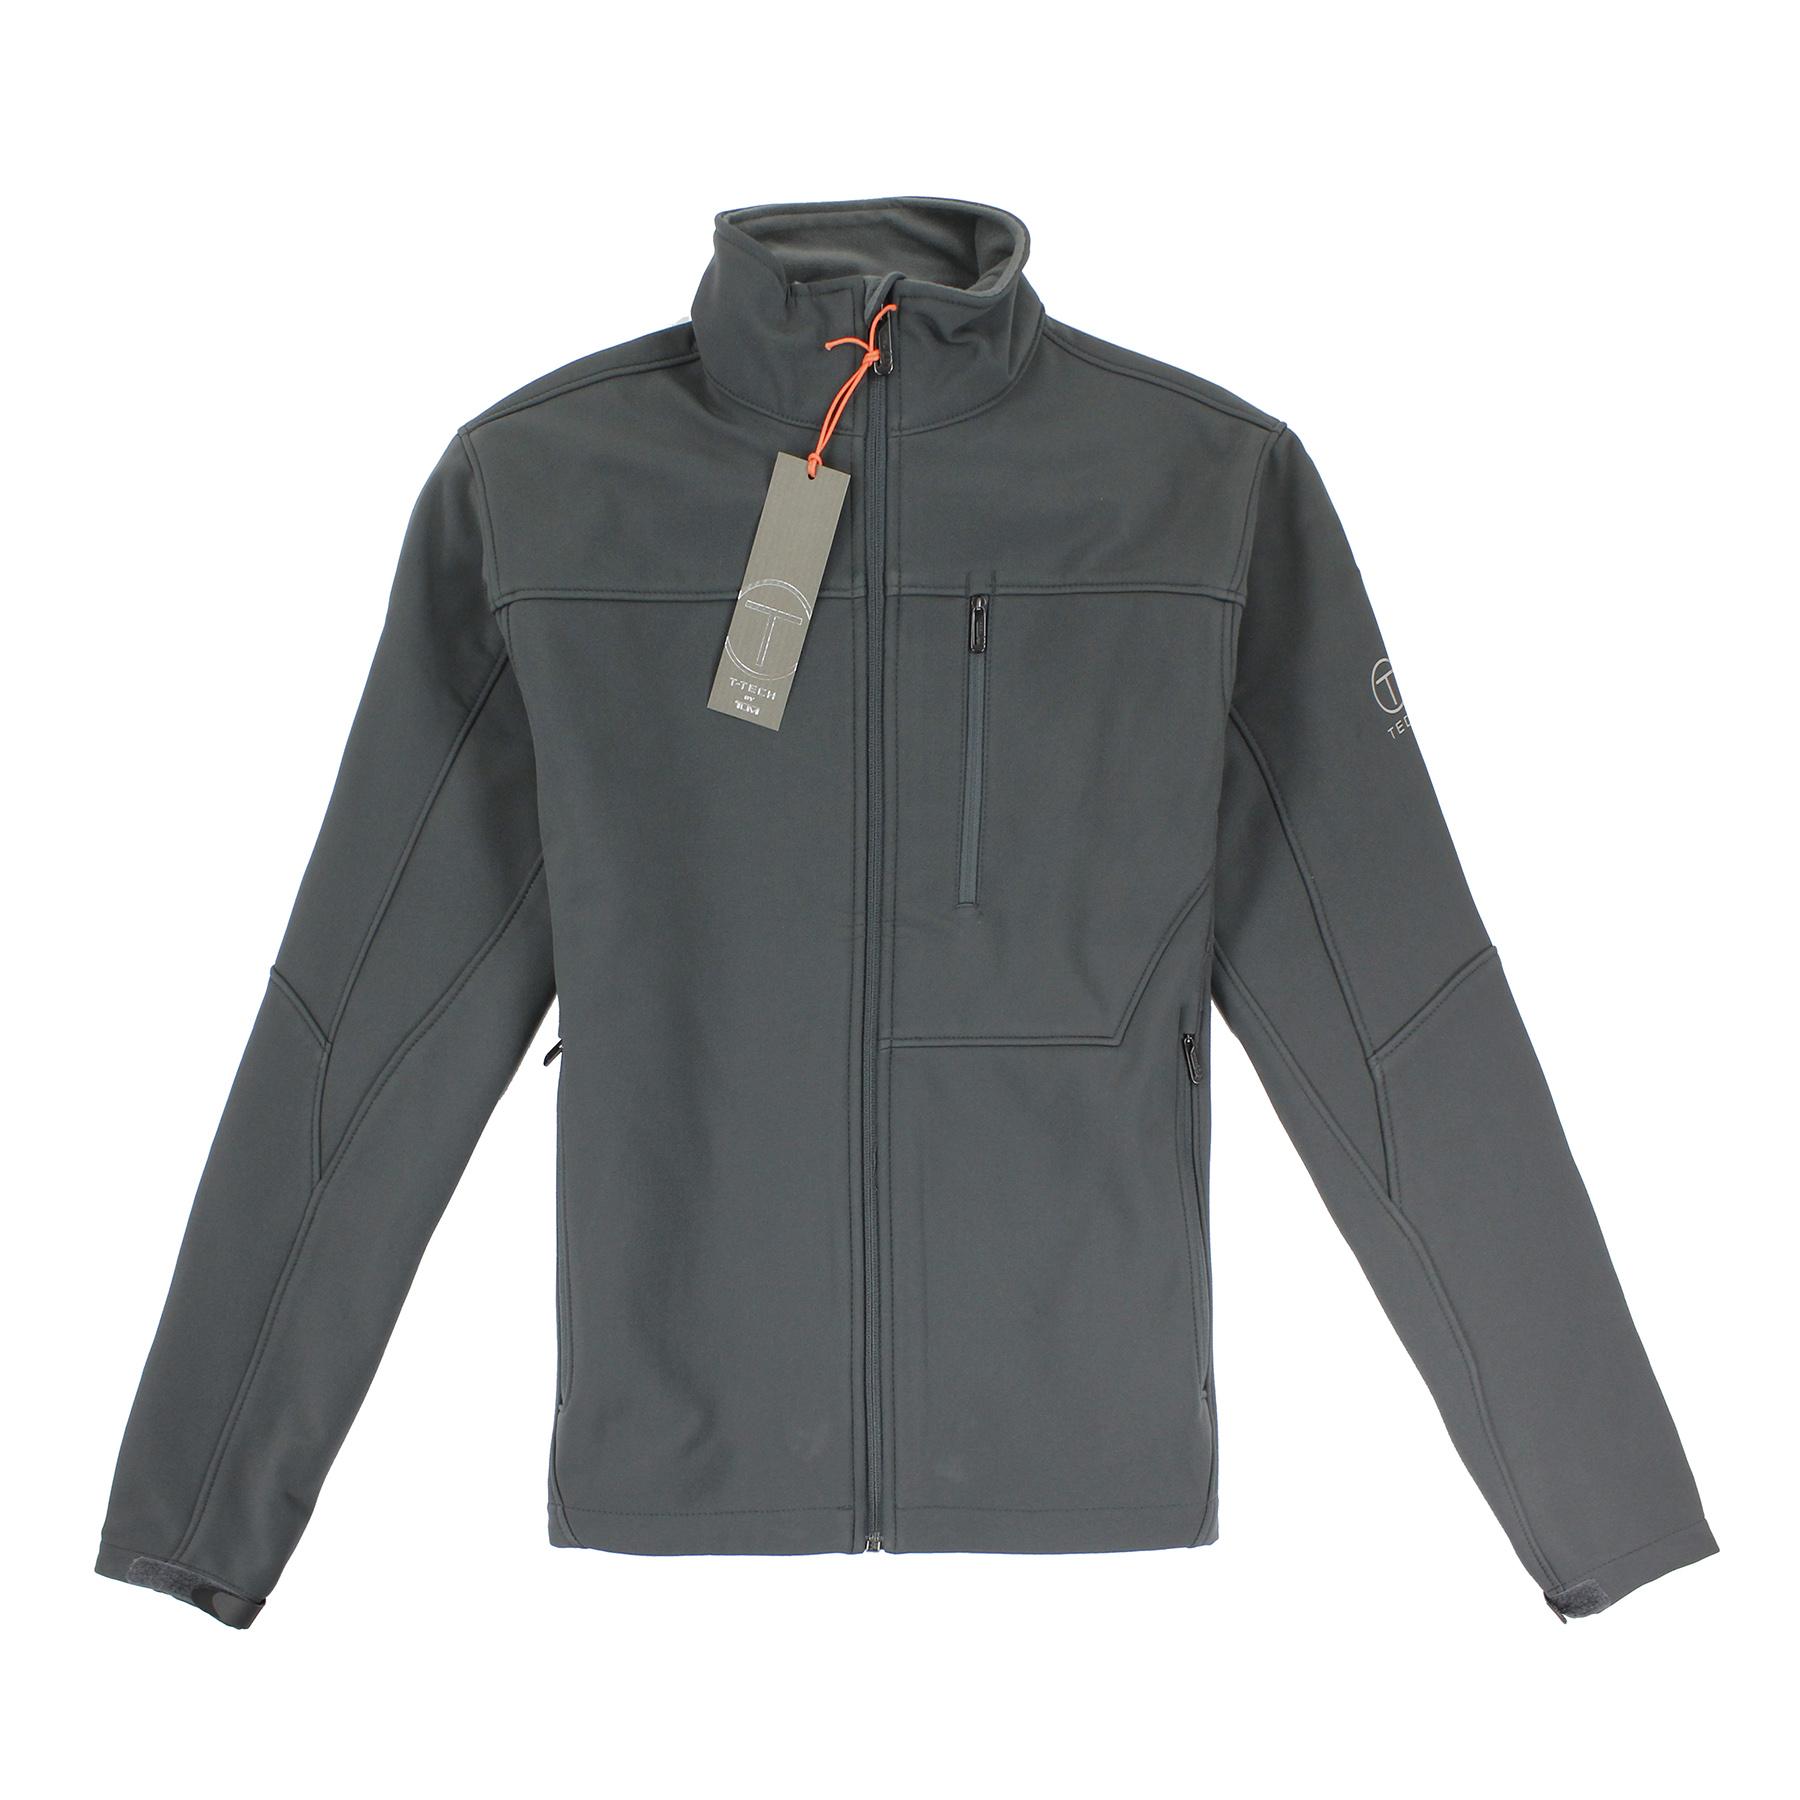 美國百分百【全新真品】Tumi 外套 立領 T-tech 防水 防風 軟殼 鋪棉 刷毛 灰色 S M XL號 E352